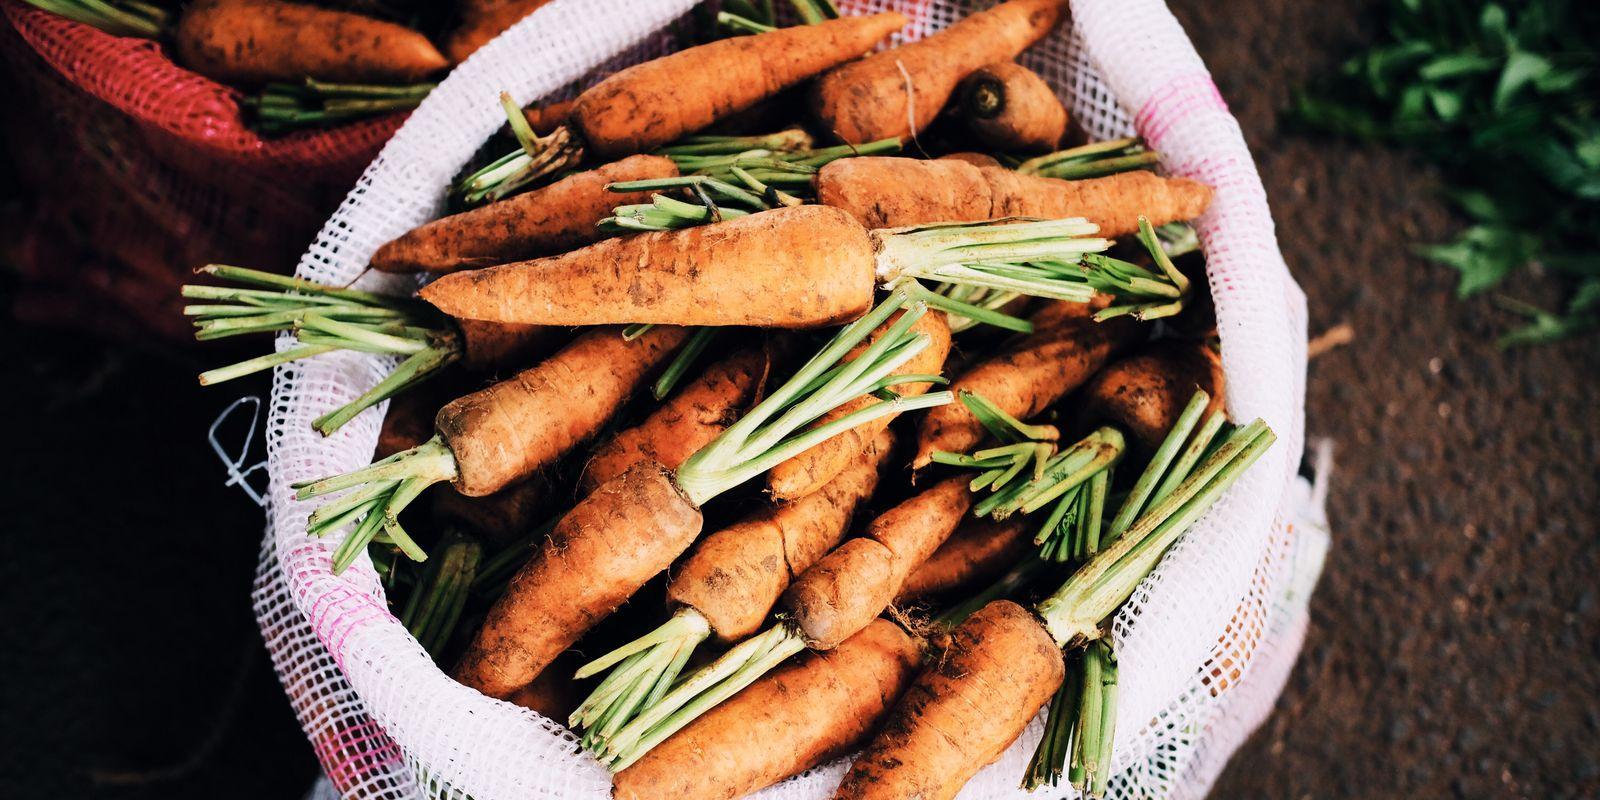 Betakaroten a vitamin A